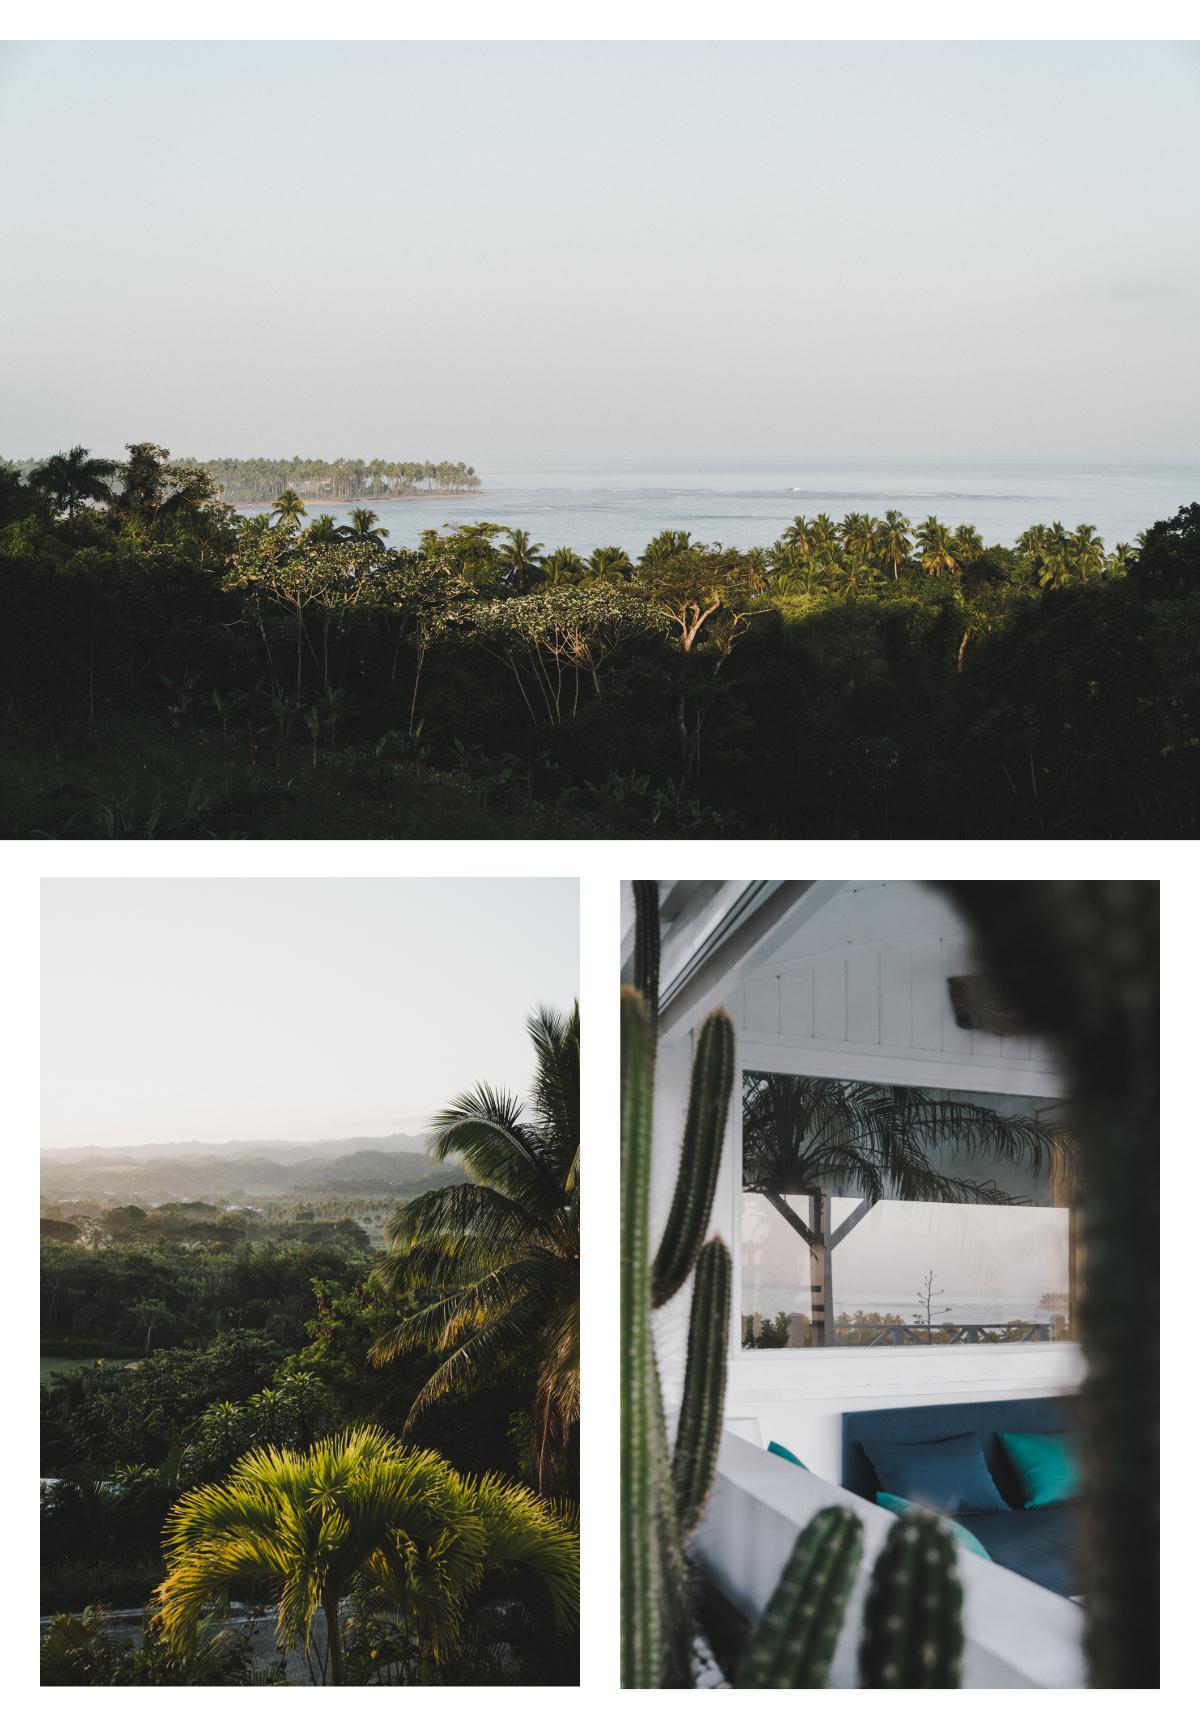 Voyage en République Dominicaine, Villa AIC Dominicana